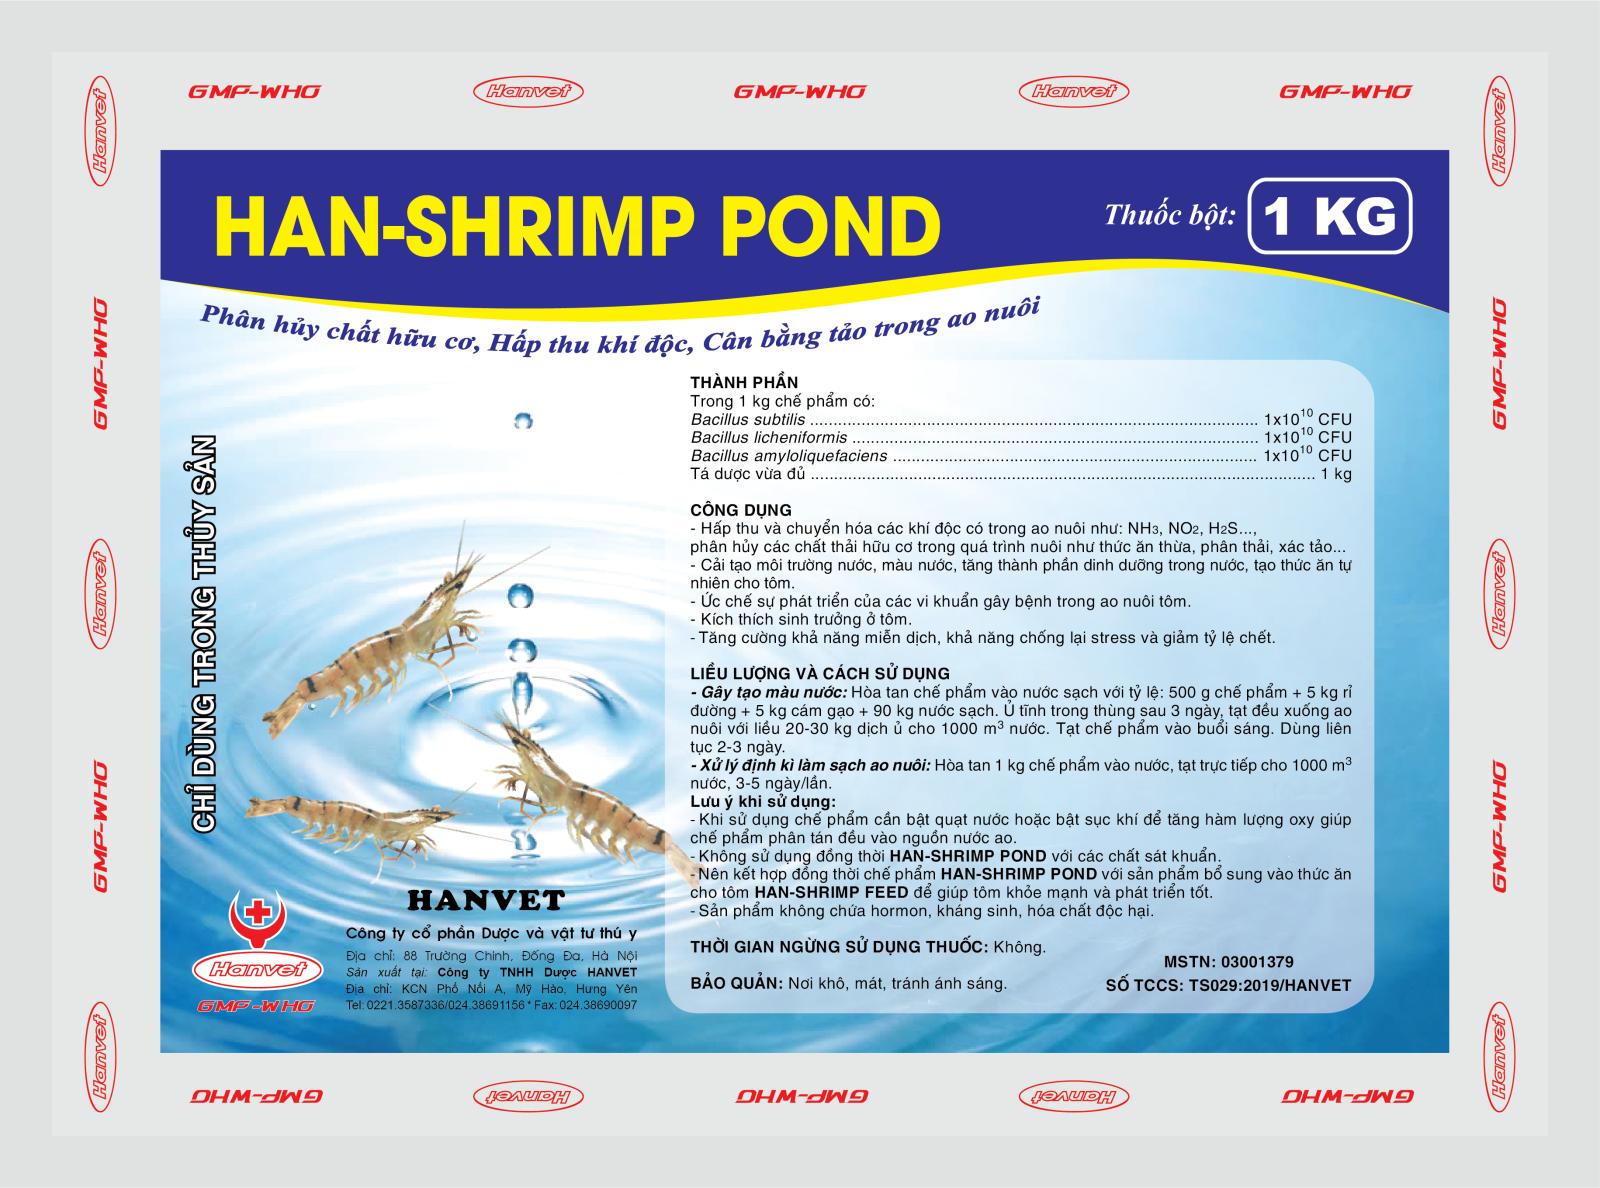 HAN-SHRIMP POND